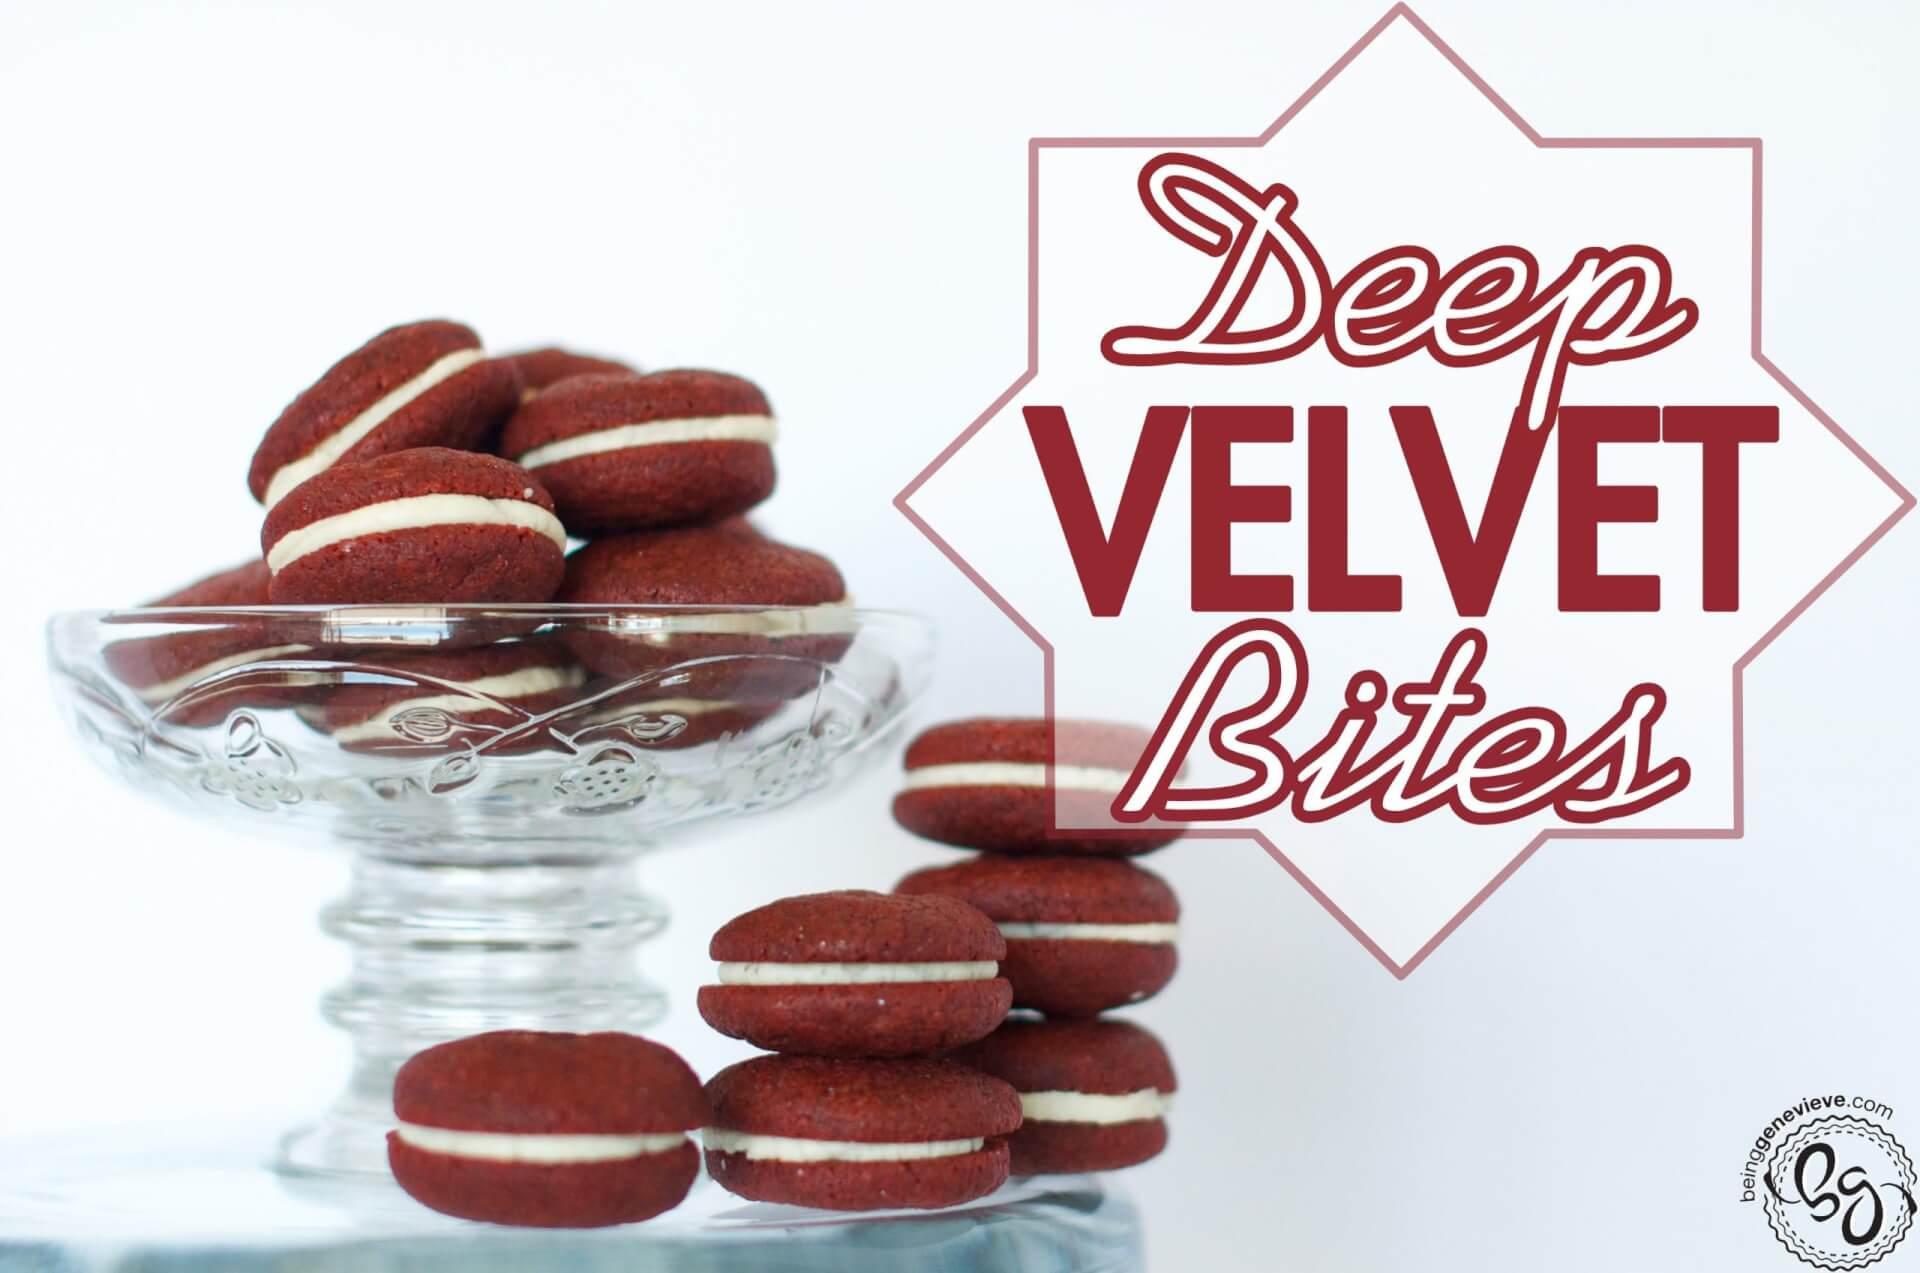 Deep Velvet Bites